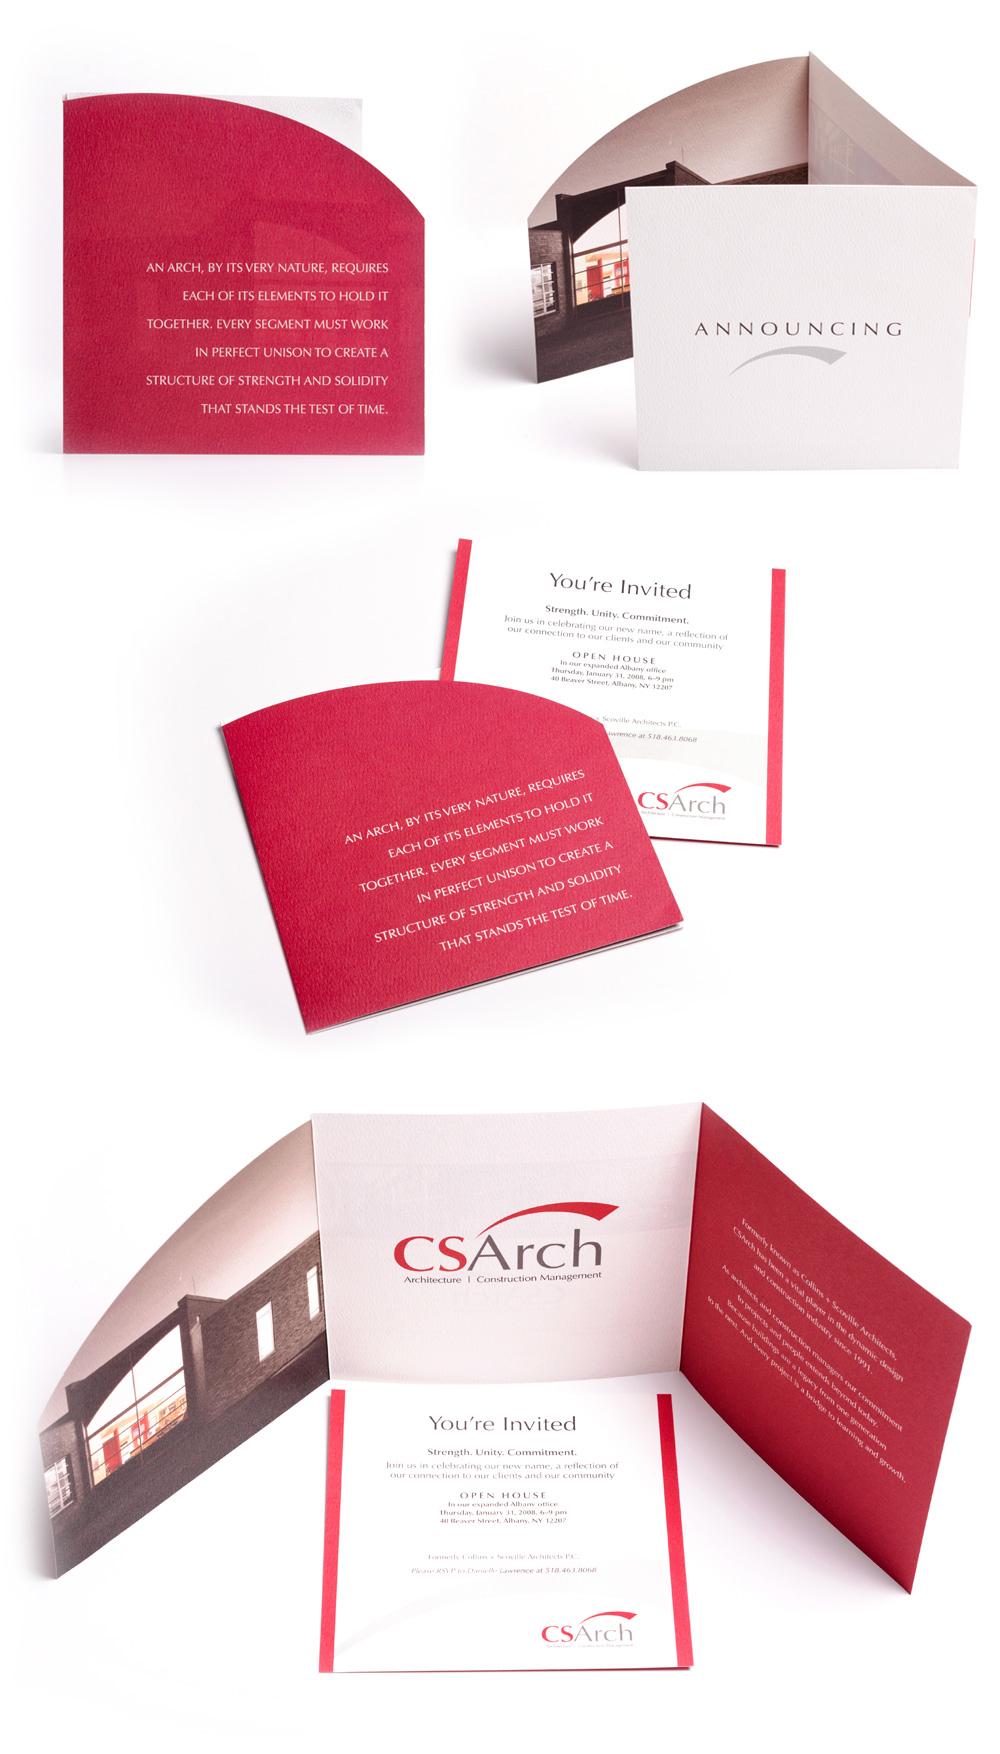 csarch-announcement-2